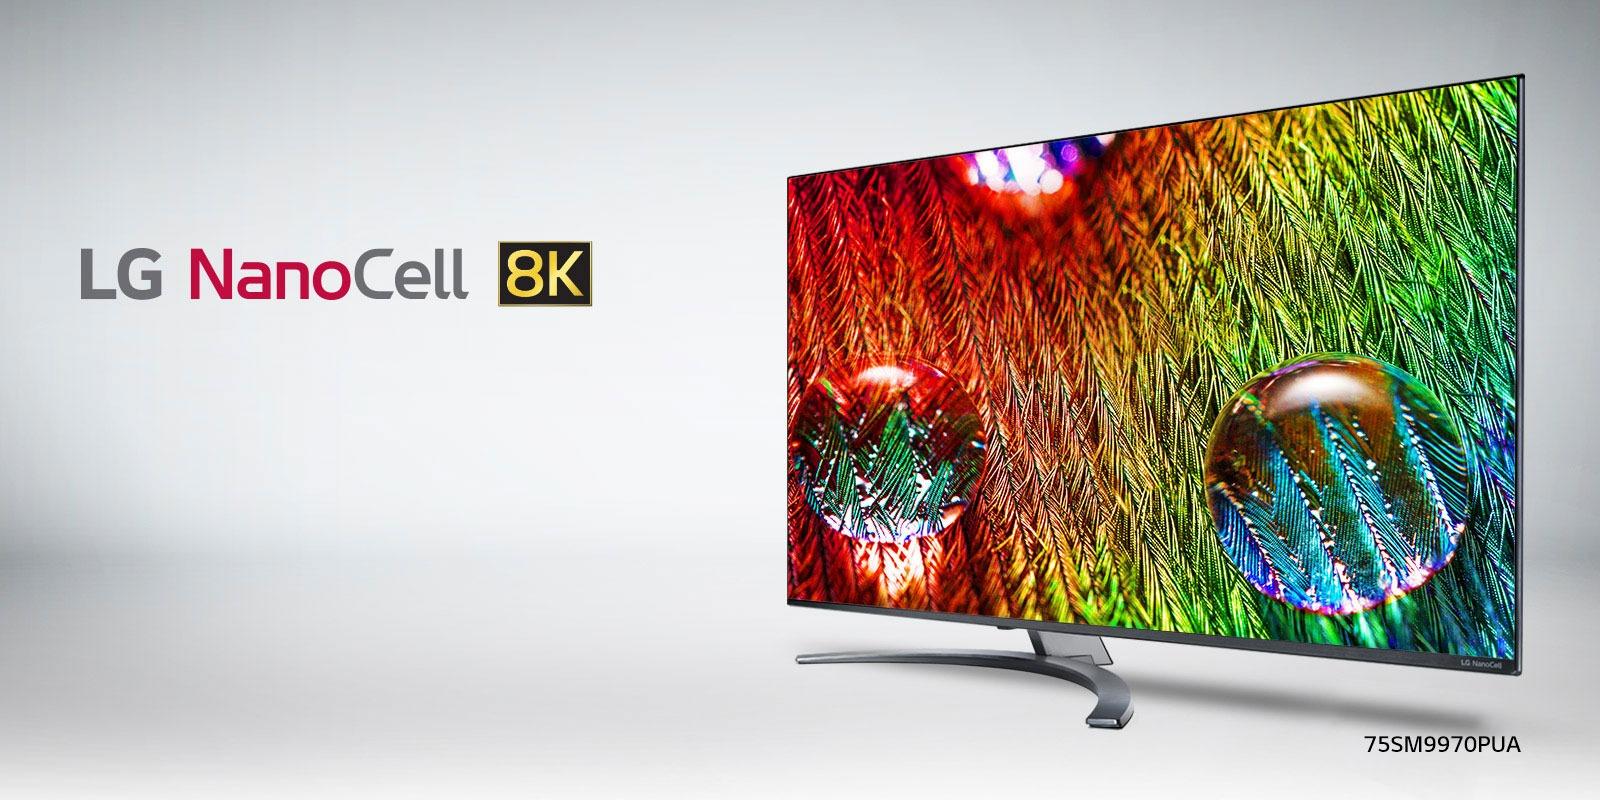 Tv de 55 polegadas